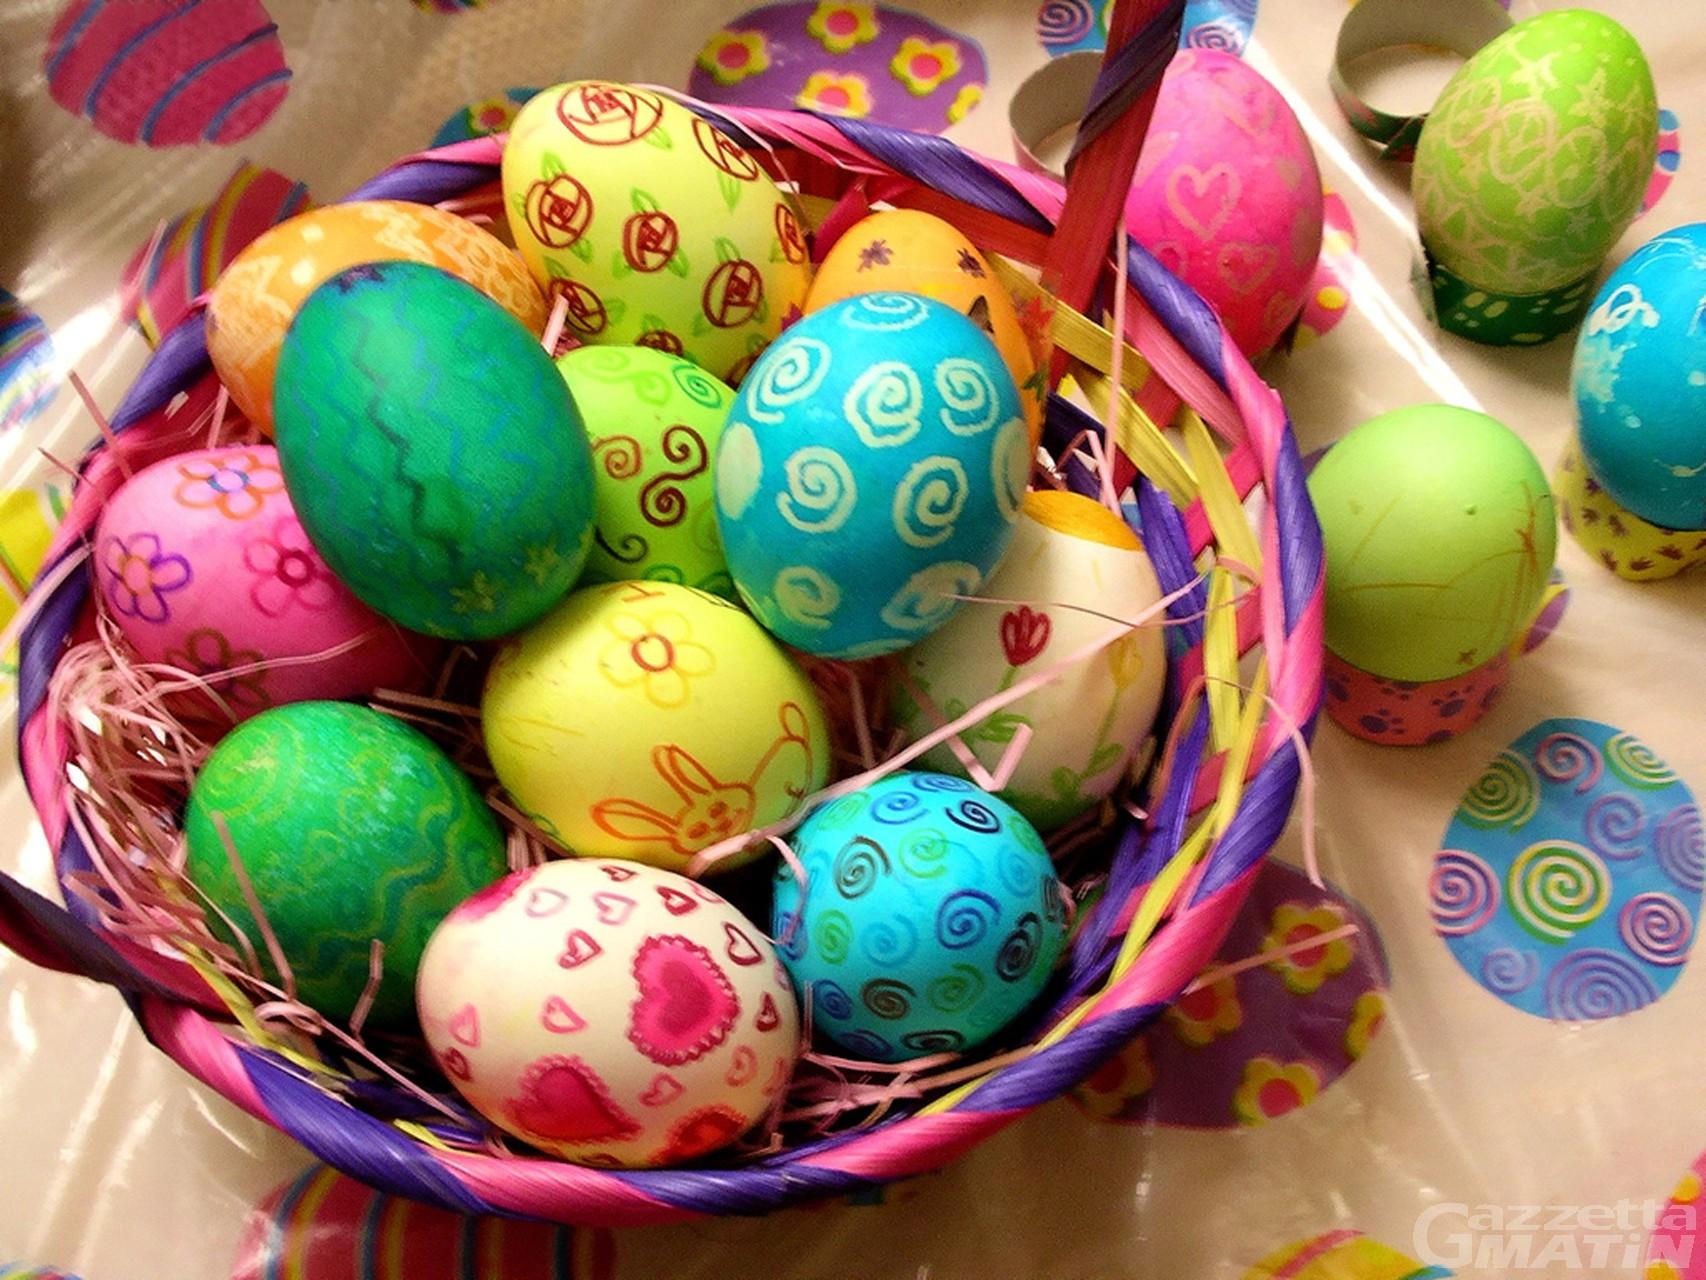 Iniziativa: un uovo di Pasqua per i bambini di Hône, Bard e Pontboset